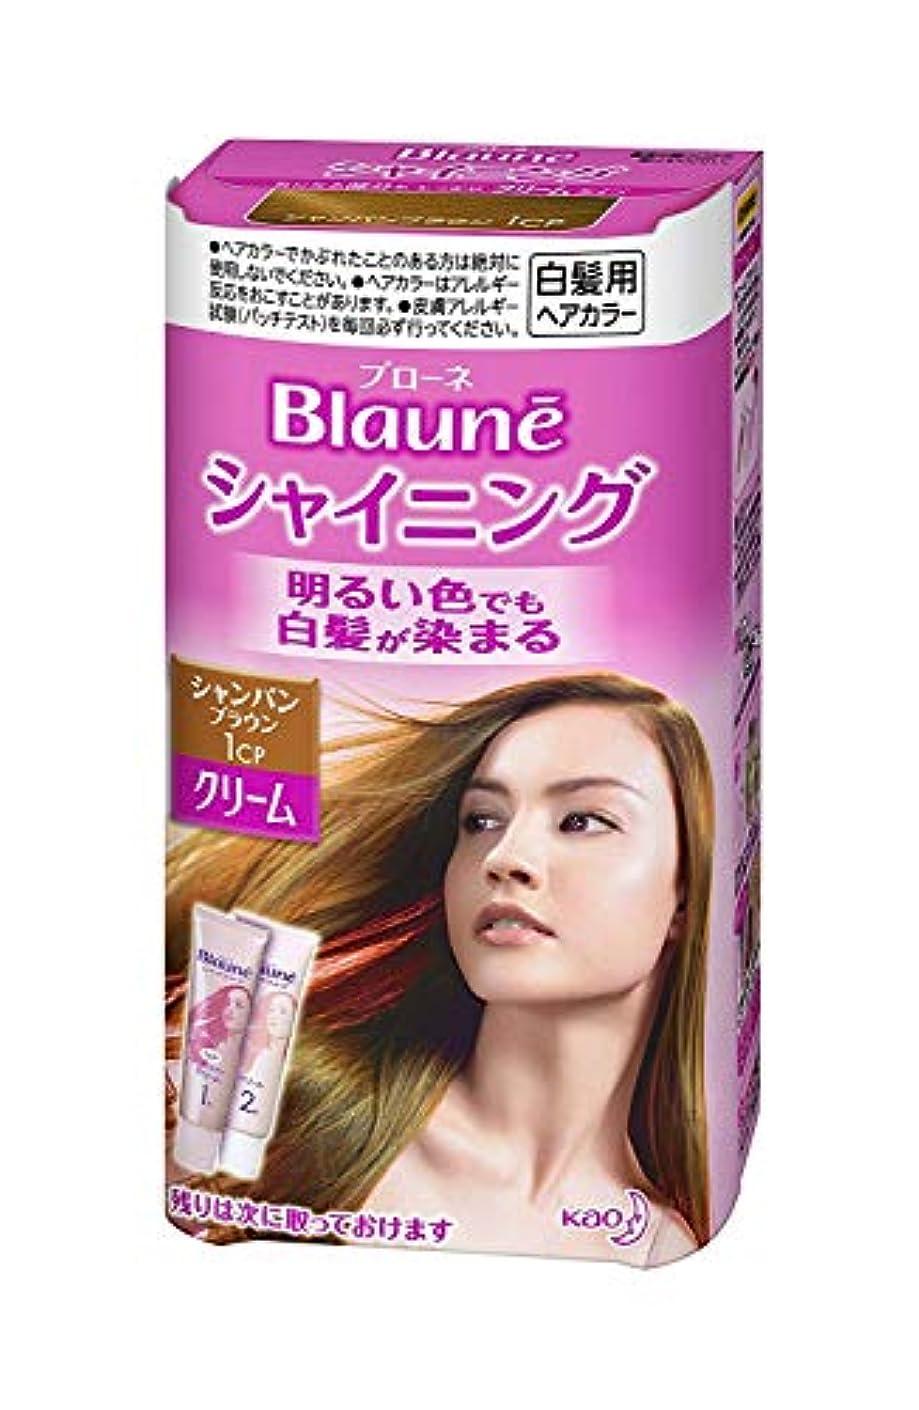 放散するイル影のある【花王】ブローネ シャイニングヘアカラークリーム1CP シャンパンブラウン ×5個セット